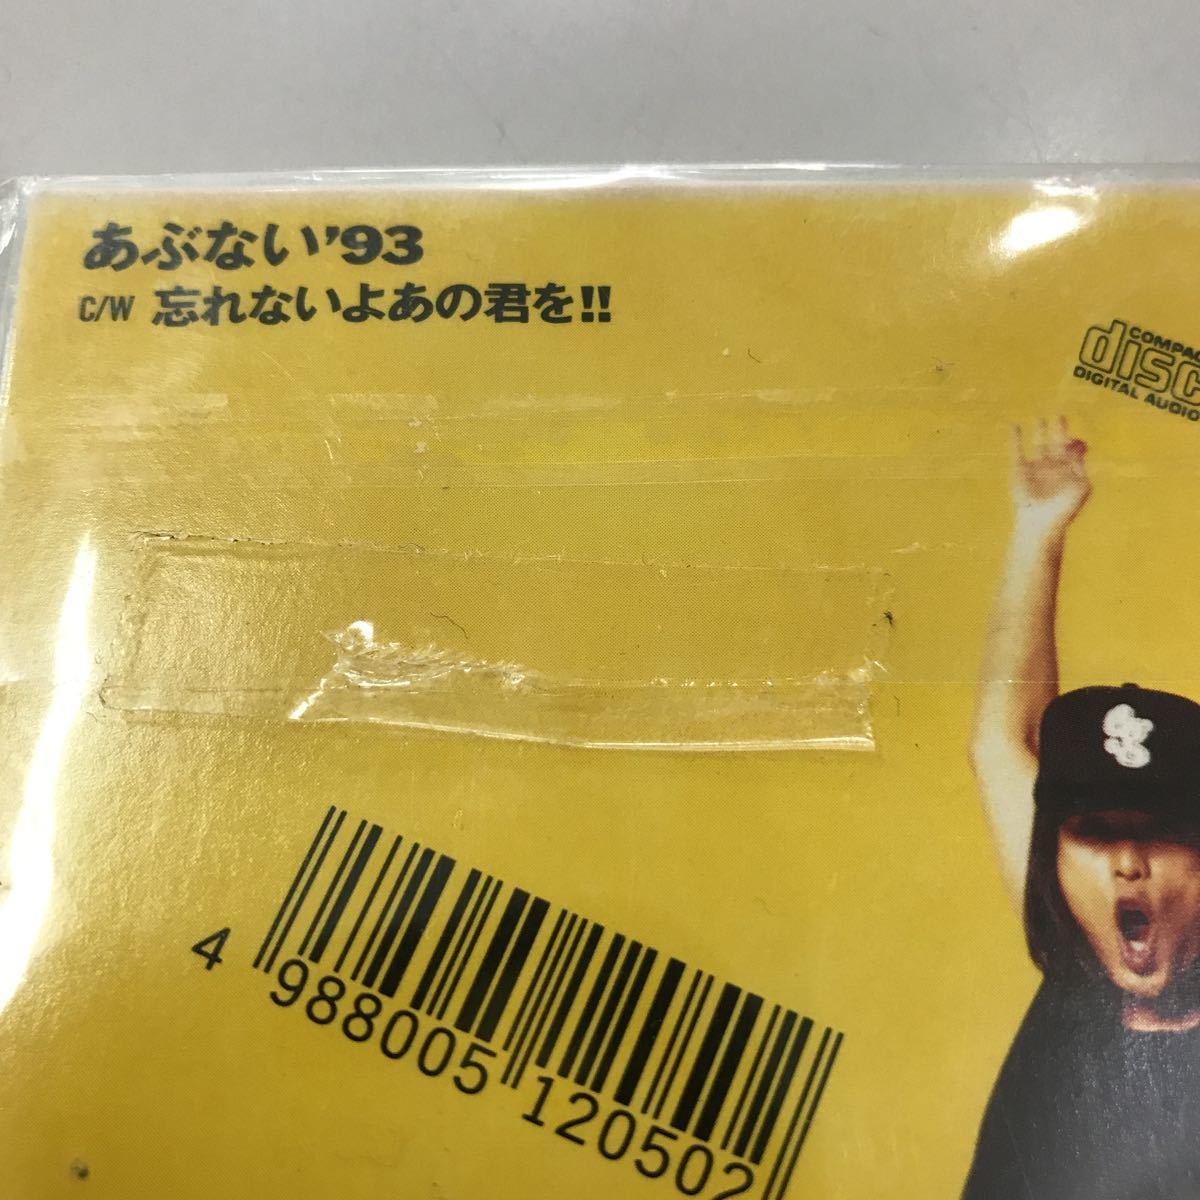 シングルCD 8センチ 中古【邦楽】長期保存品 江口洋介 忘れないよあのきみを!!